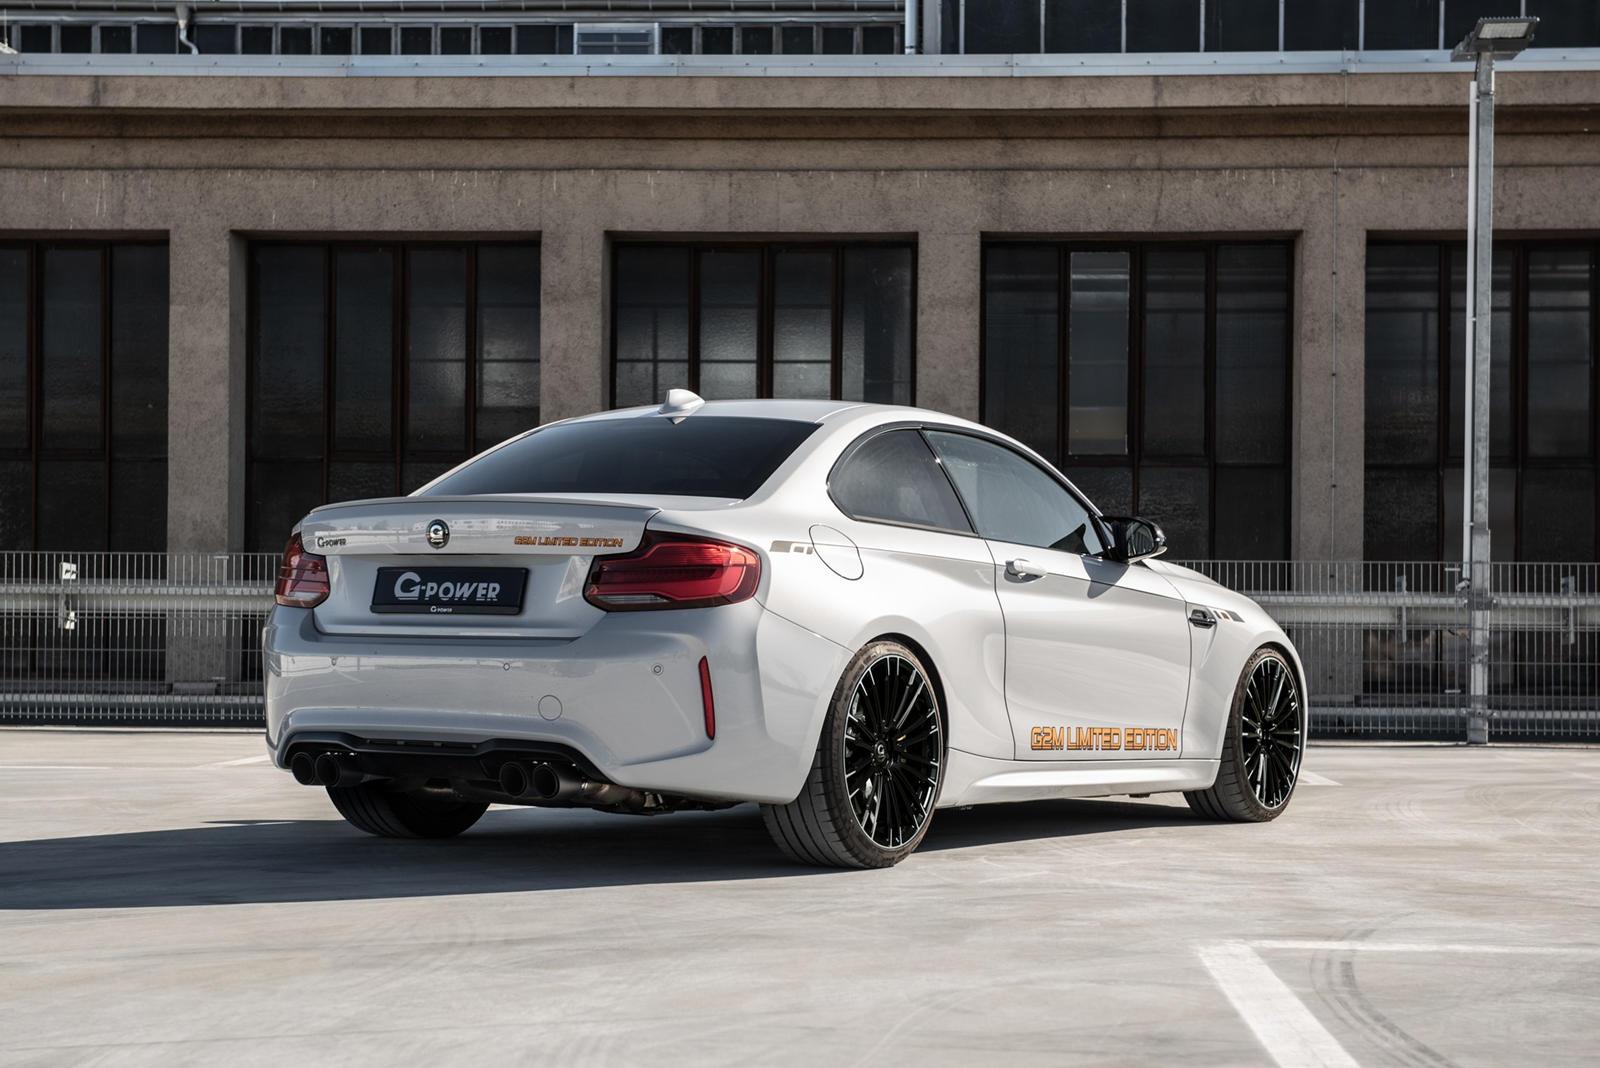 Нам очень нравится BMW M2, и мы почти ничего не можем сделать, чтобы его улучшить. То, что мы хотели бы изменить, было реализовано BMW уже в выдающейся версии CS, но это не помешало тюнерам усовершенствовать обе эти машины. G-Power - один из таких тю